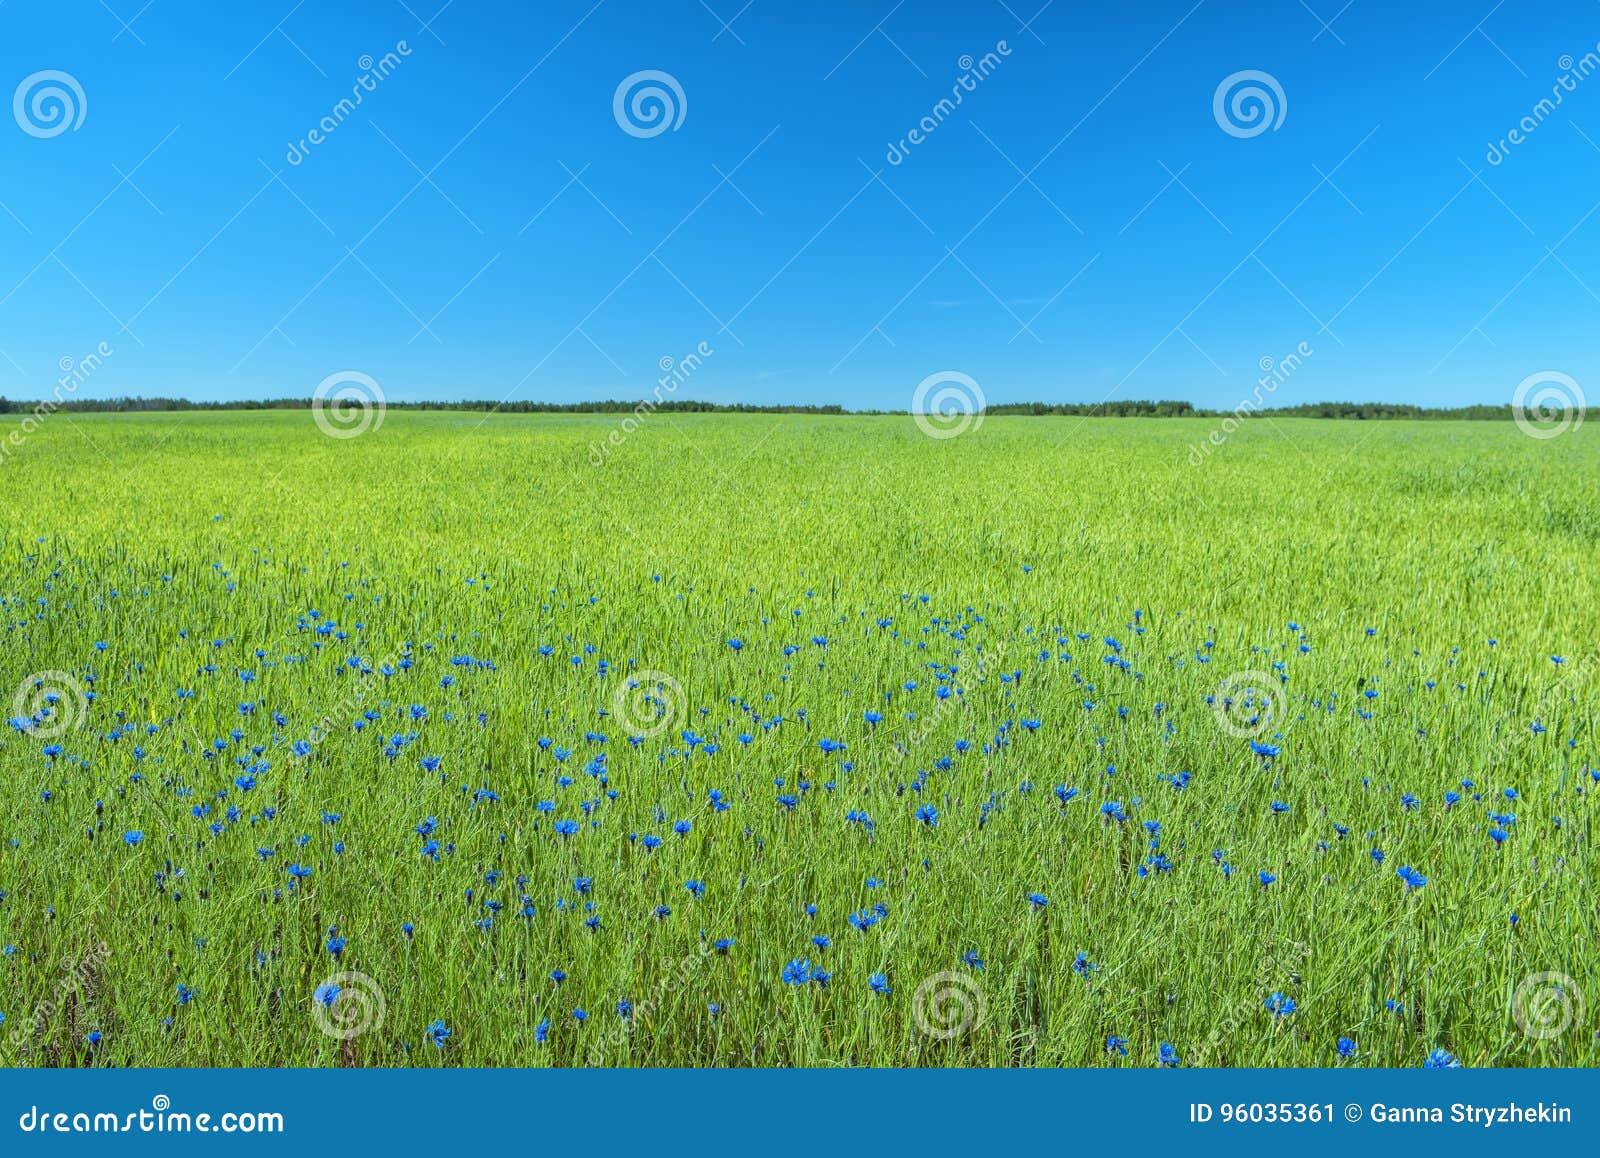 Zielony pole z kwiatami błękitny kolor z cornflowers